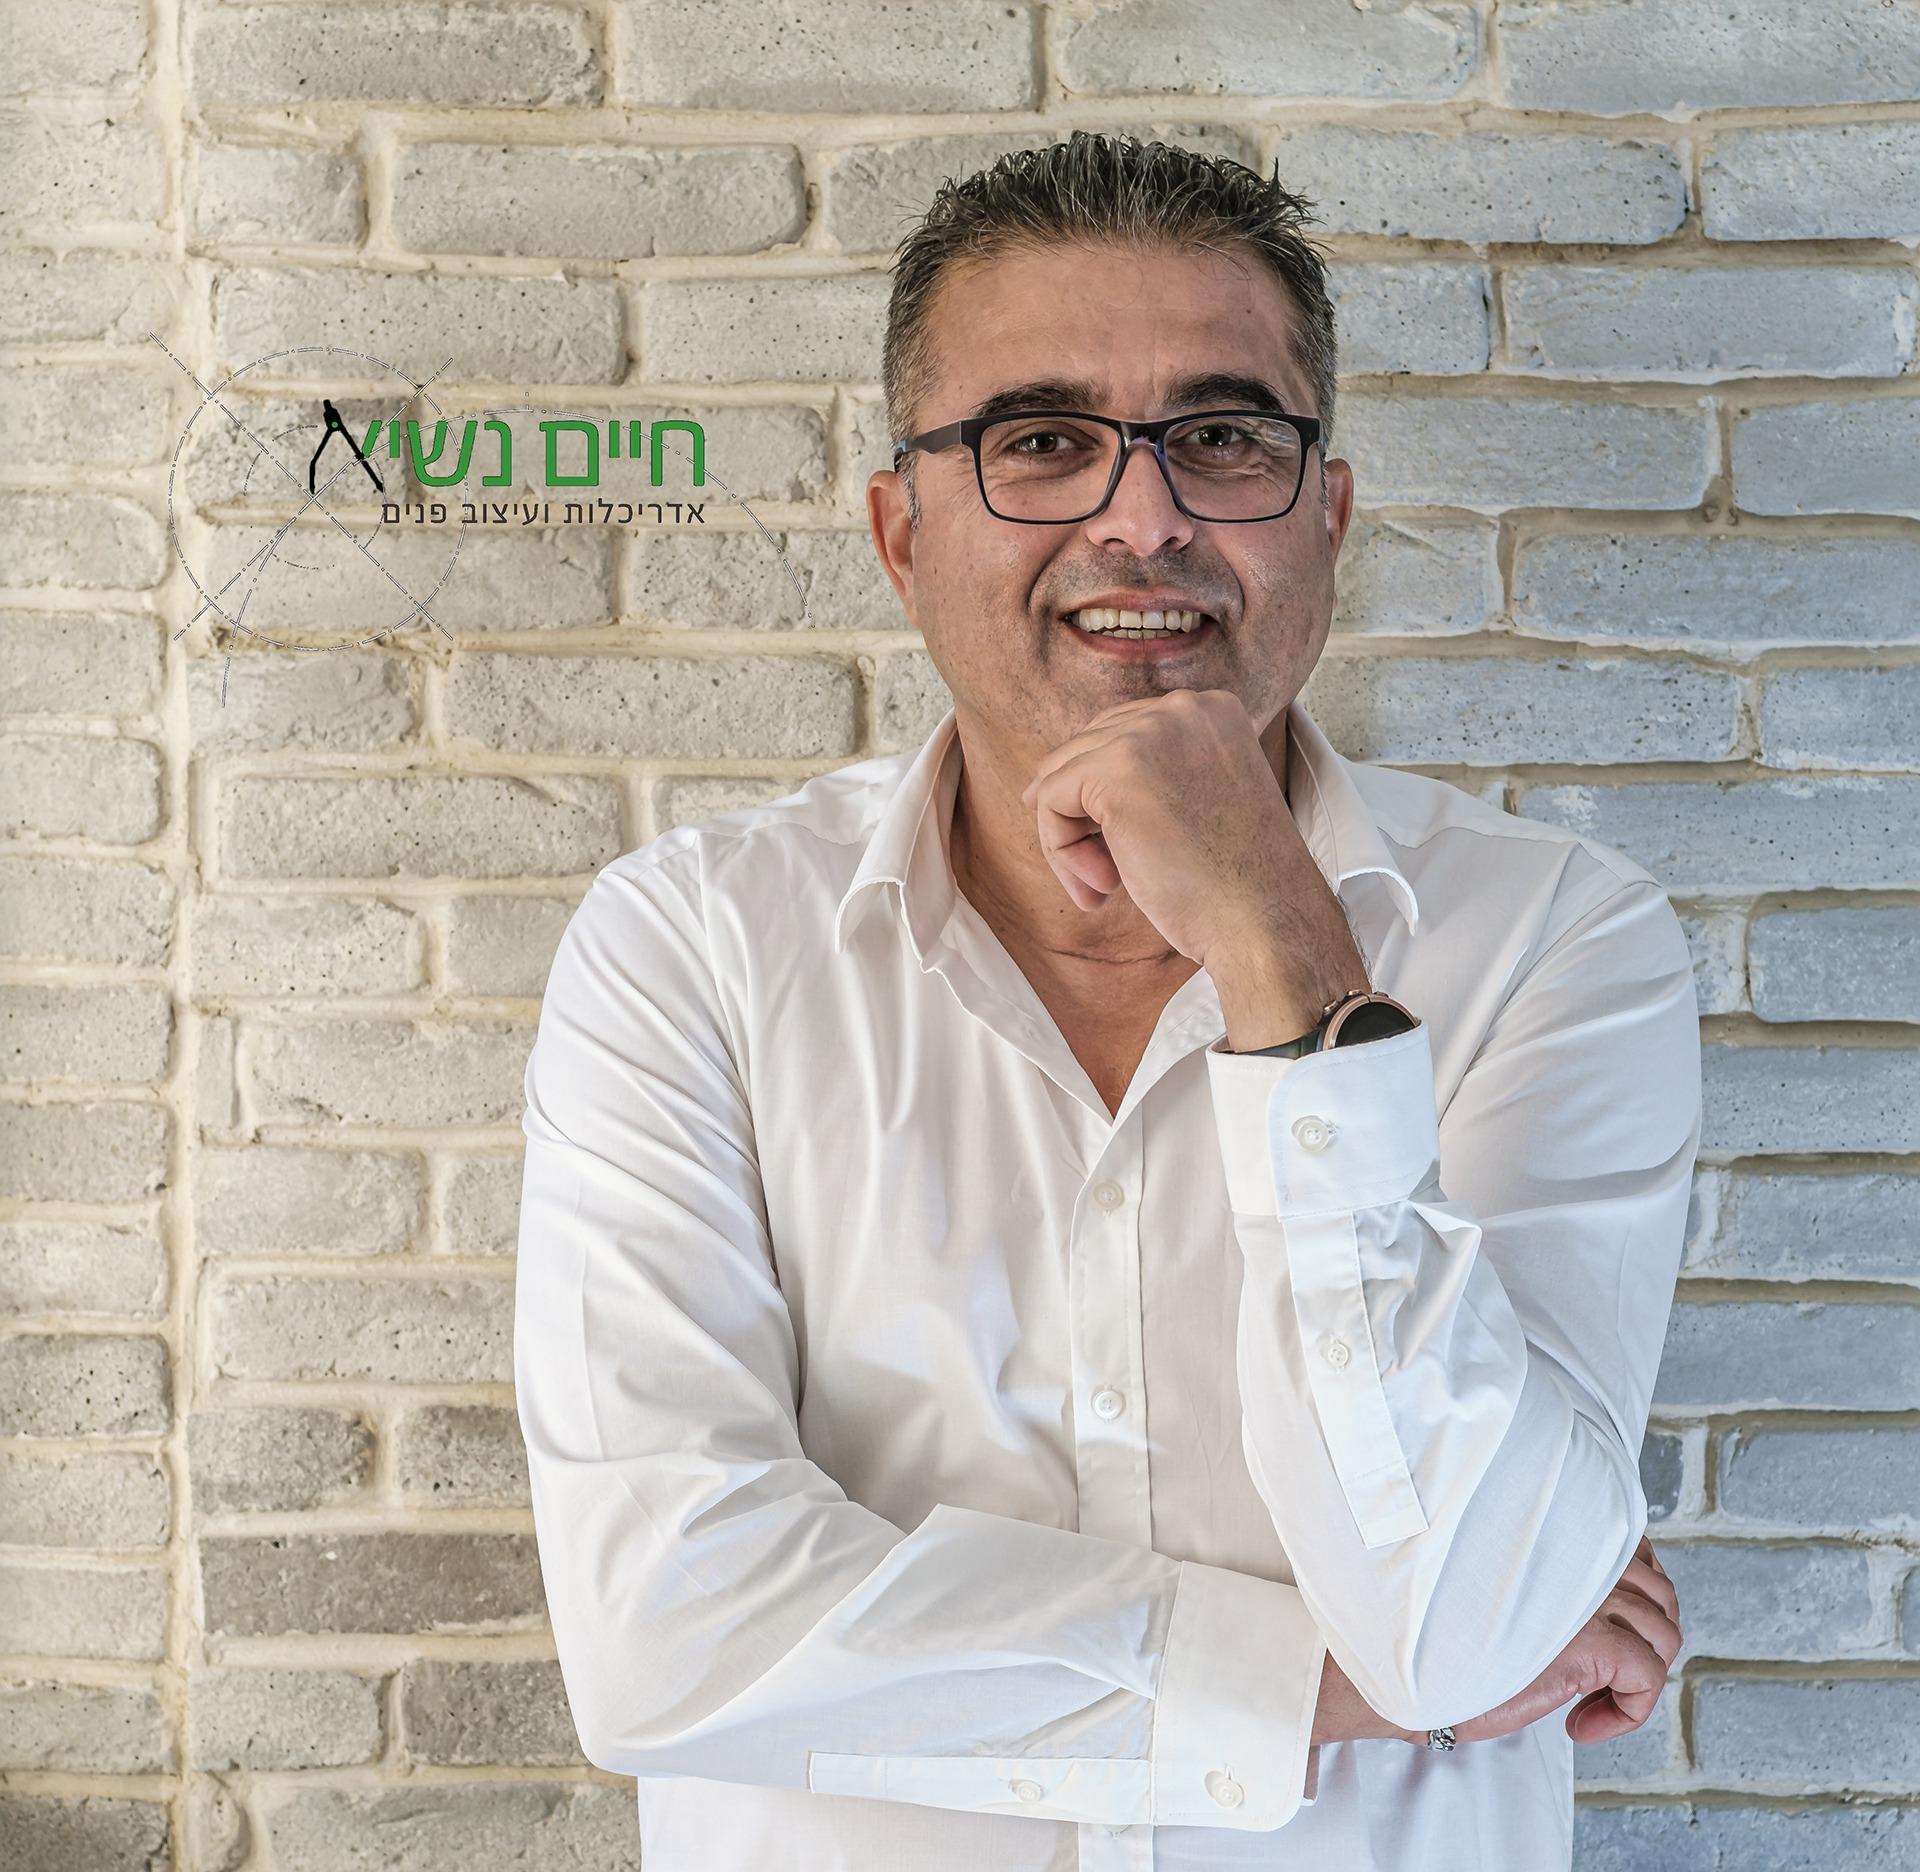 חיים נשיא אדריכל בכפר יונה